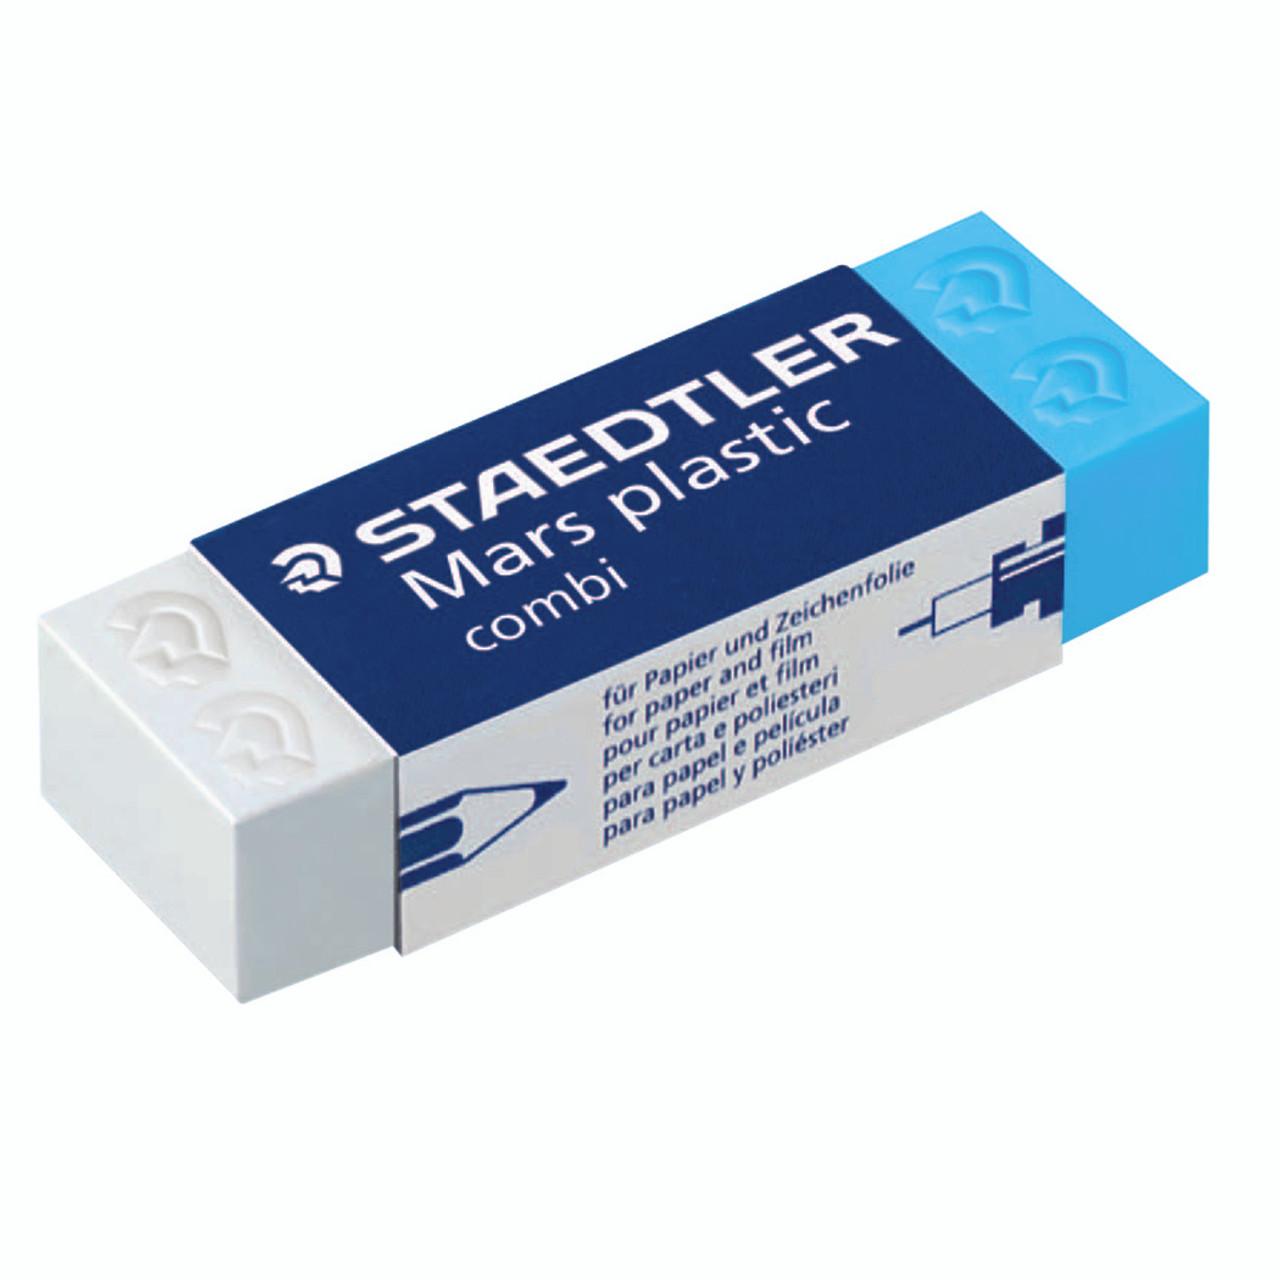 Mars Plastic Combi Eraser